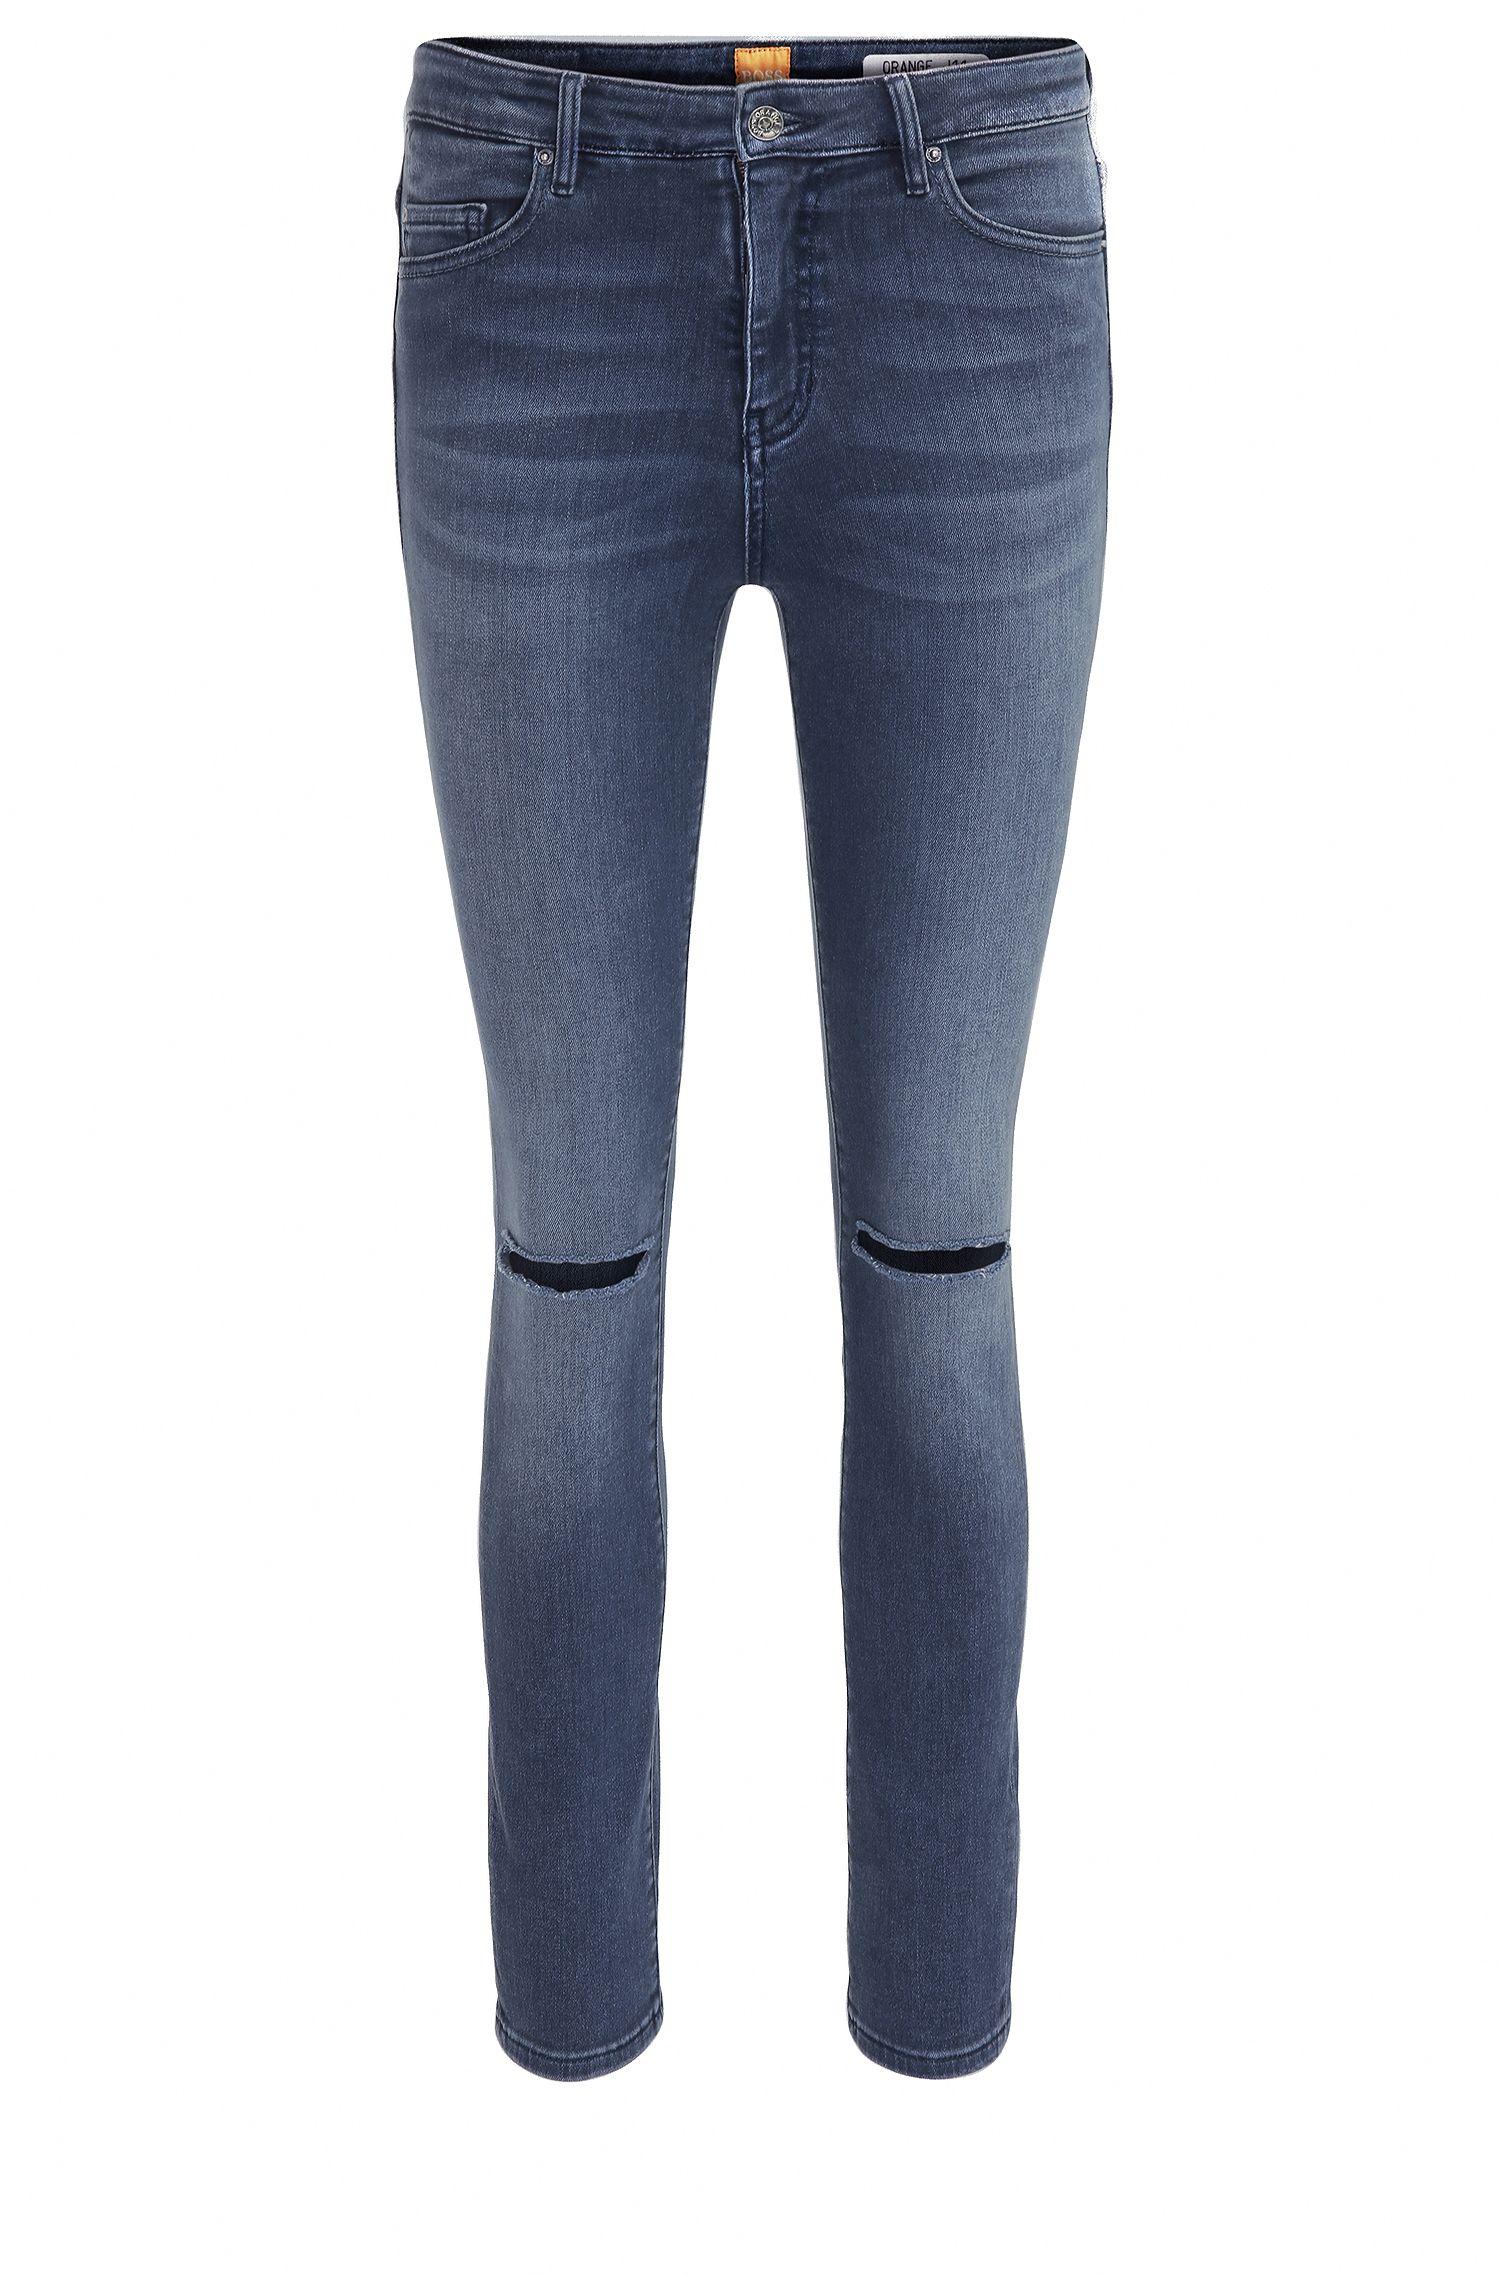 Jeans in denim super elasticizzato skinny fit alla caviglia con effetto usurato